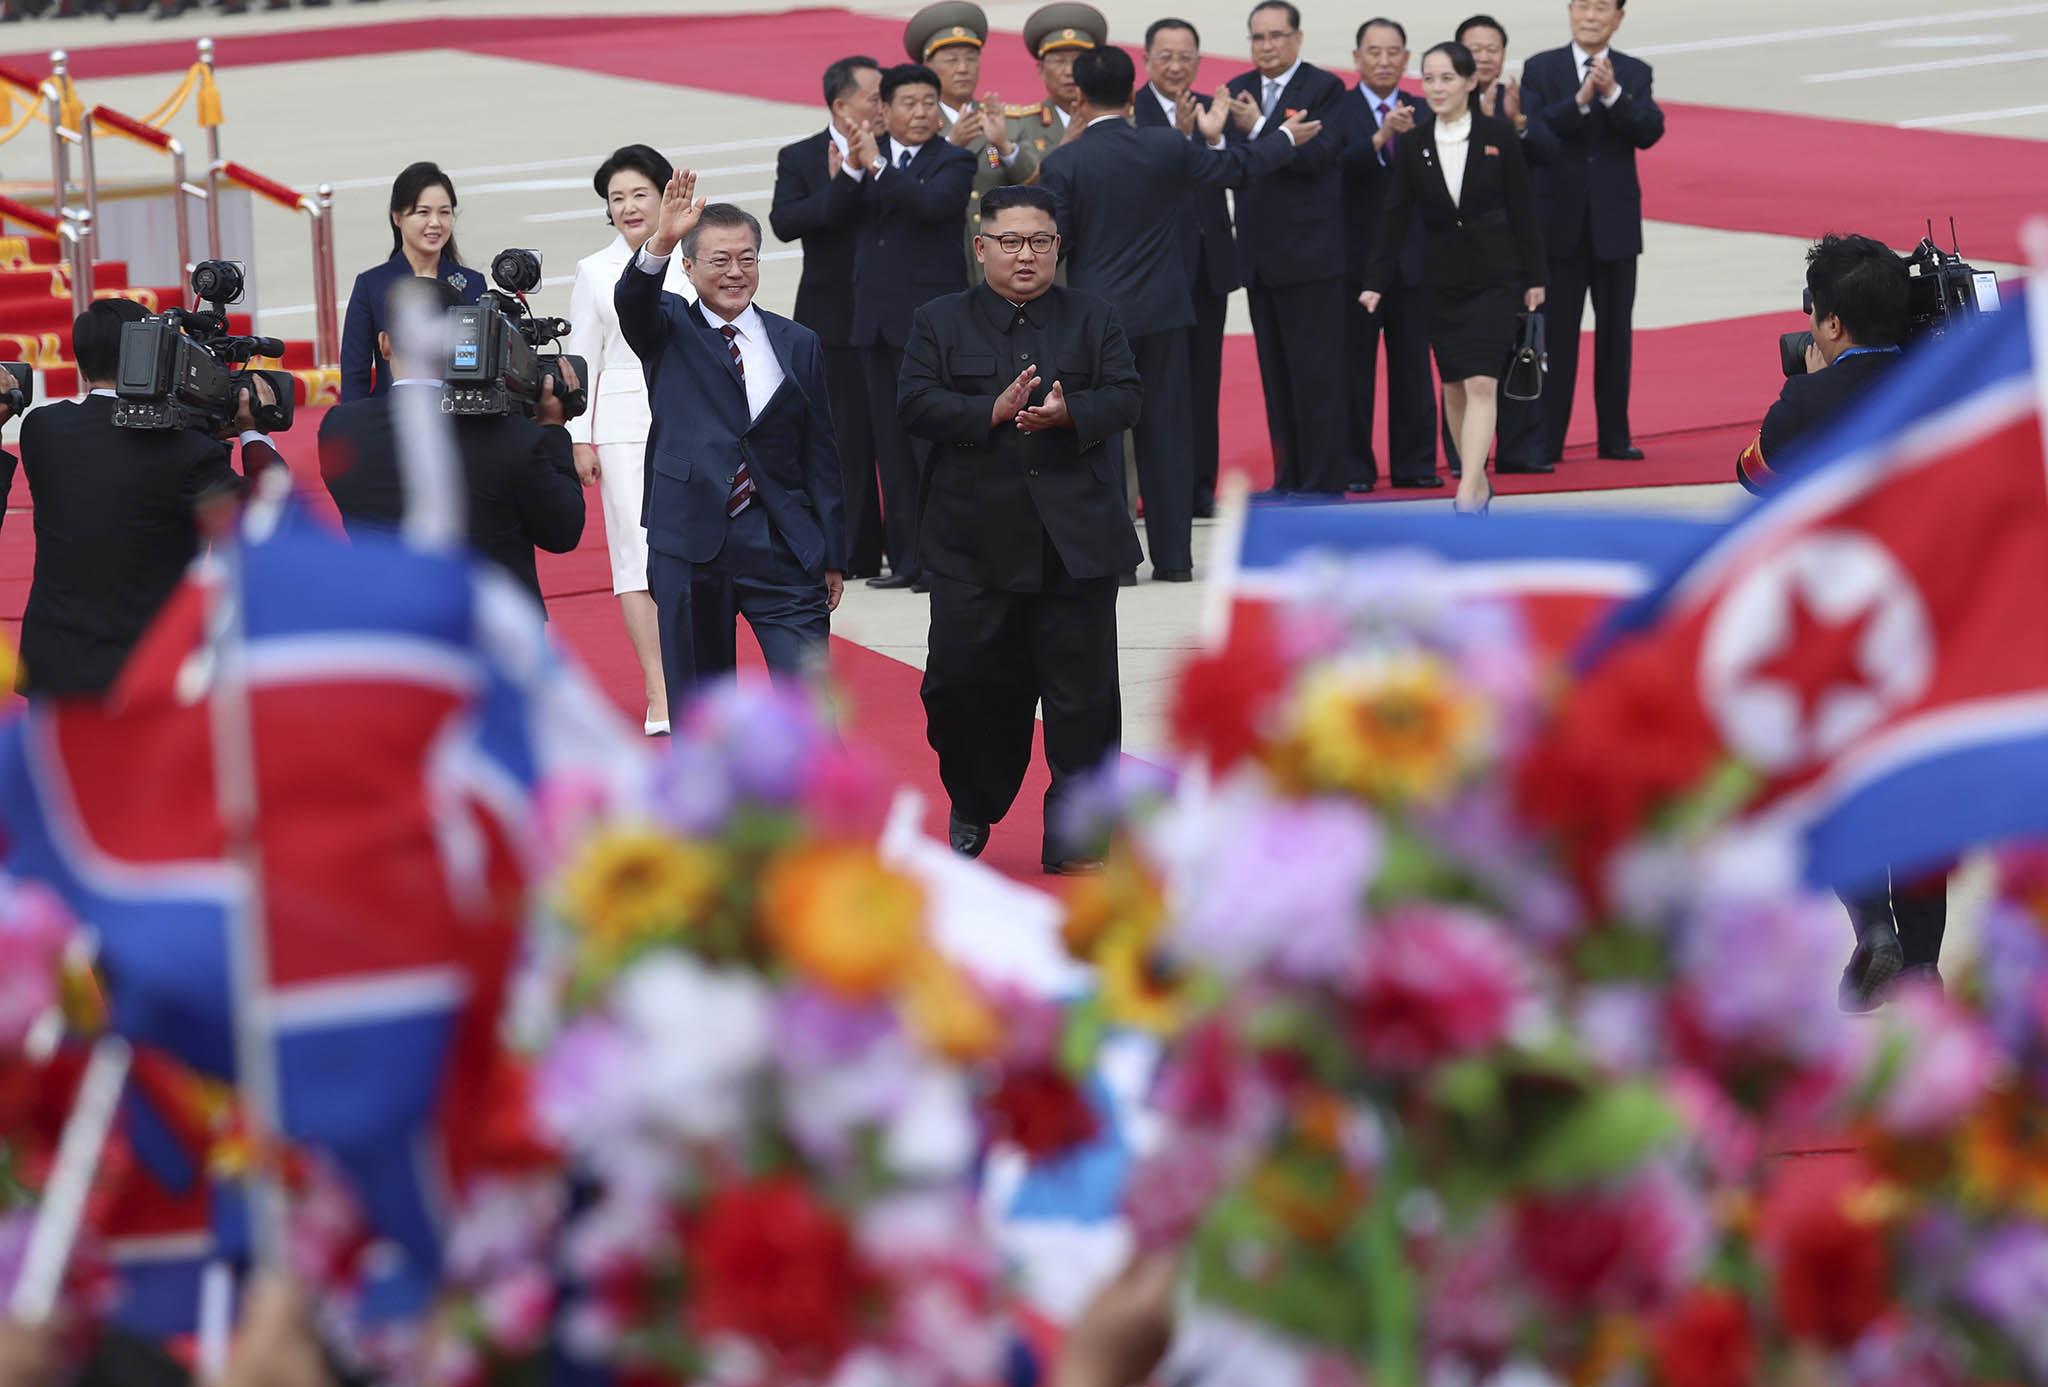 Coreias | Arrancou terceira cimeira para fazer avançar desnuclearização